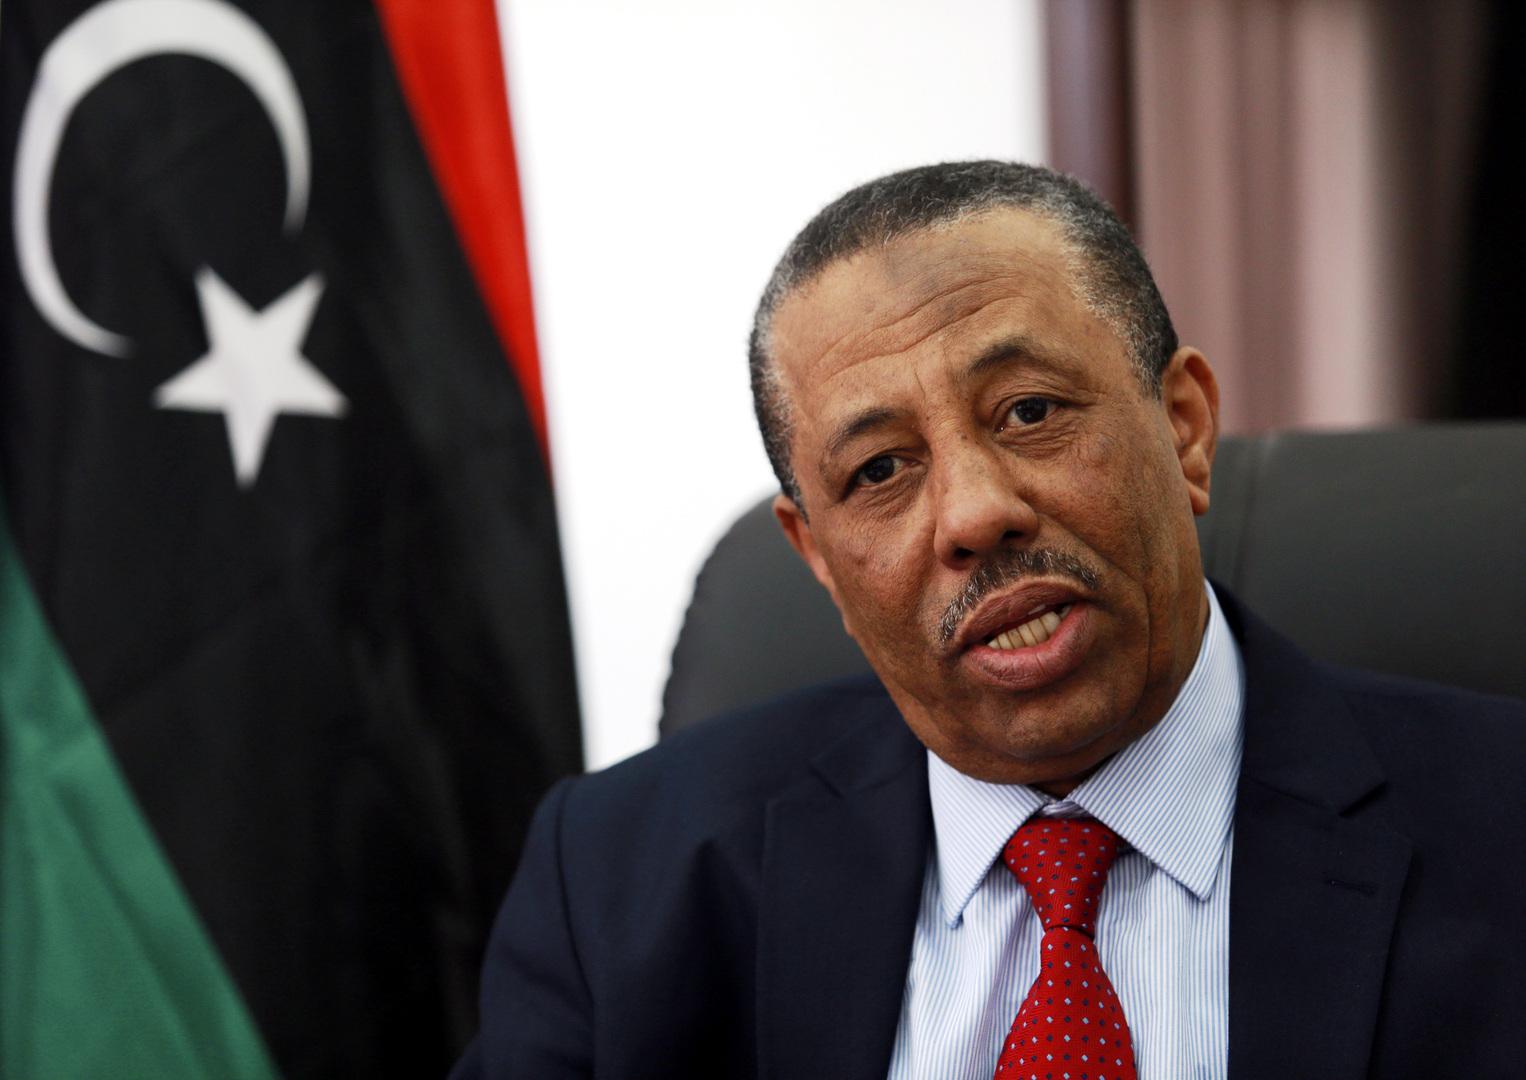 رئيس الحكومة الليبية المؤقتة يحذر من